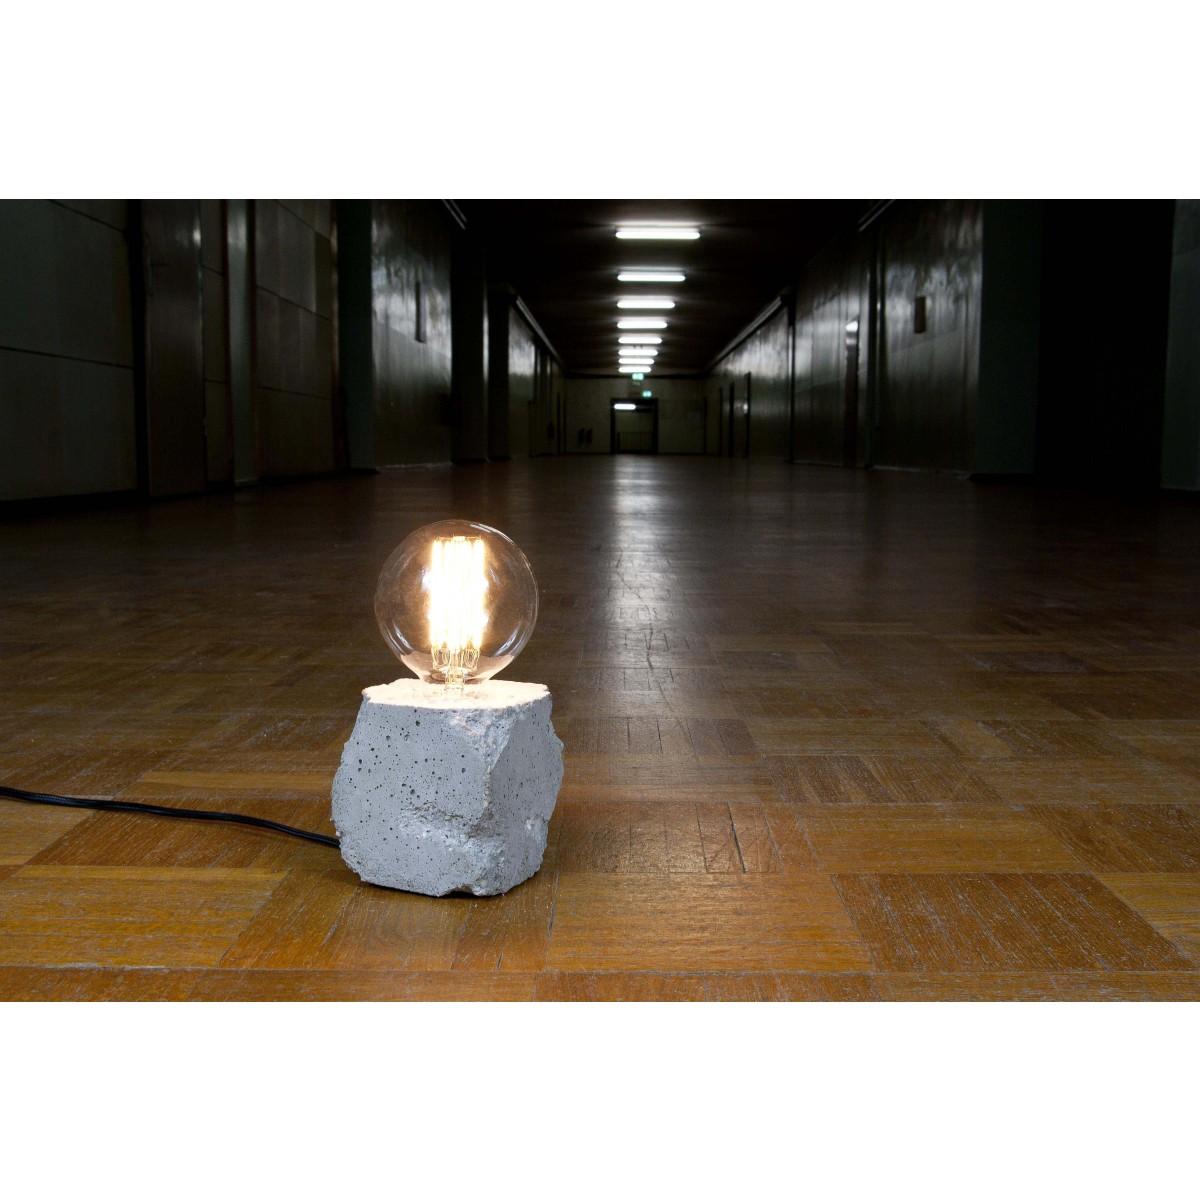 lj lamps alpha demolished tischleuchte aus beton mit. Black Bedroom Furniture Sets. Home Design Ideas